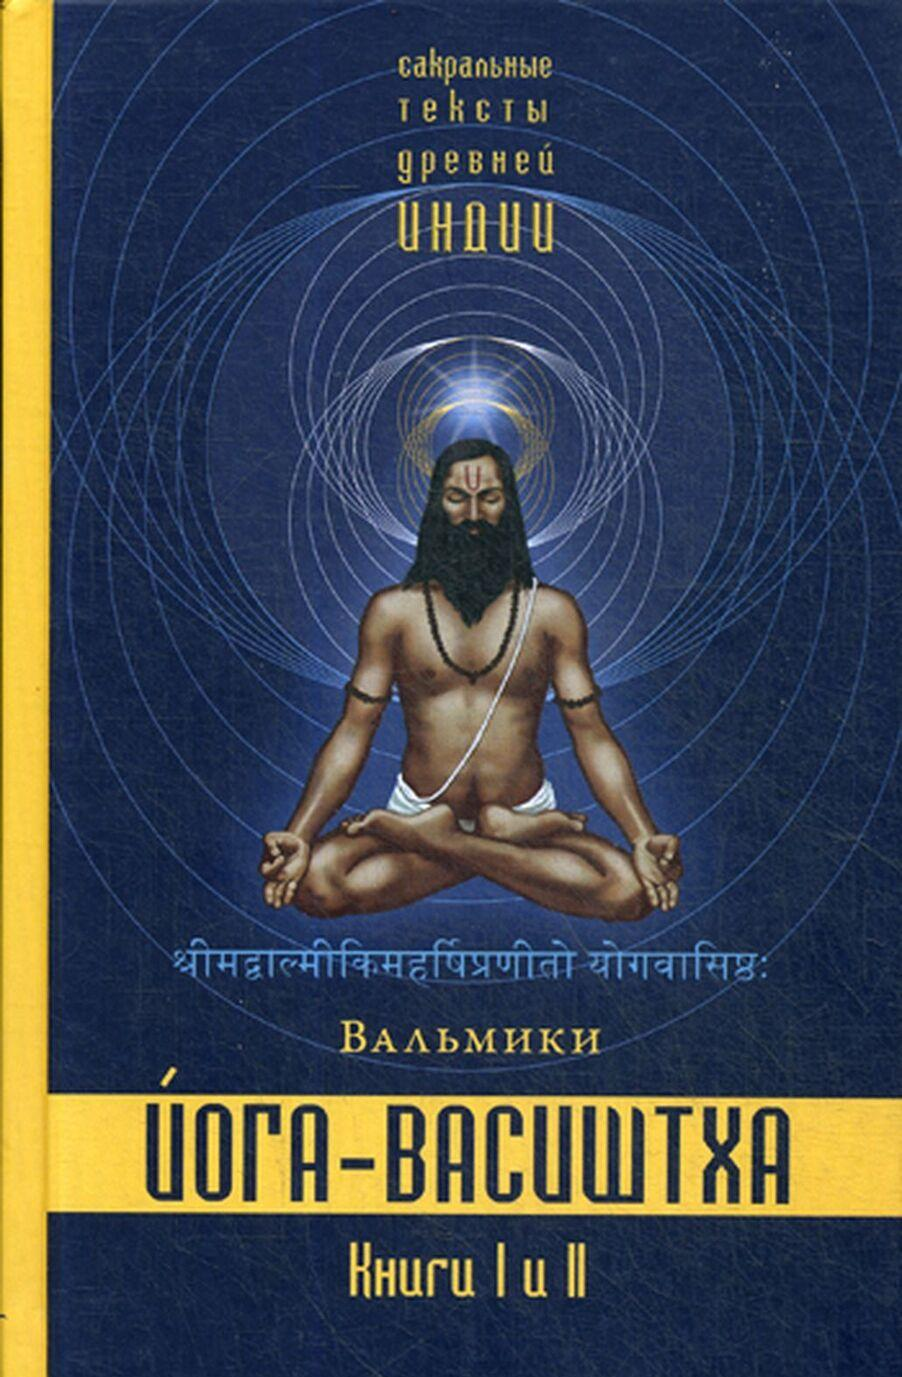 Joga-Vasishtkha. Kn. 1. Otrechenie. Kn. 2. Zhelanie osvobozhdenija. 2-e izd., ispr. i dop